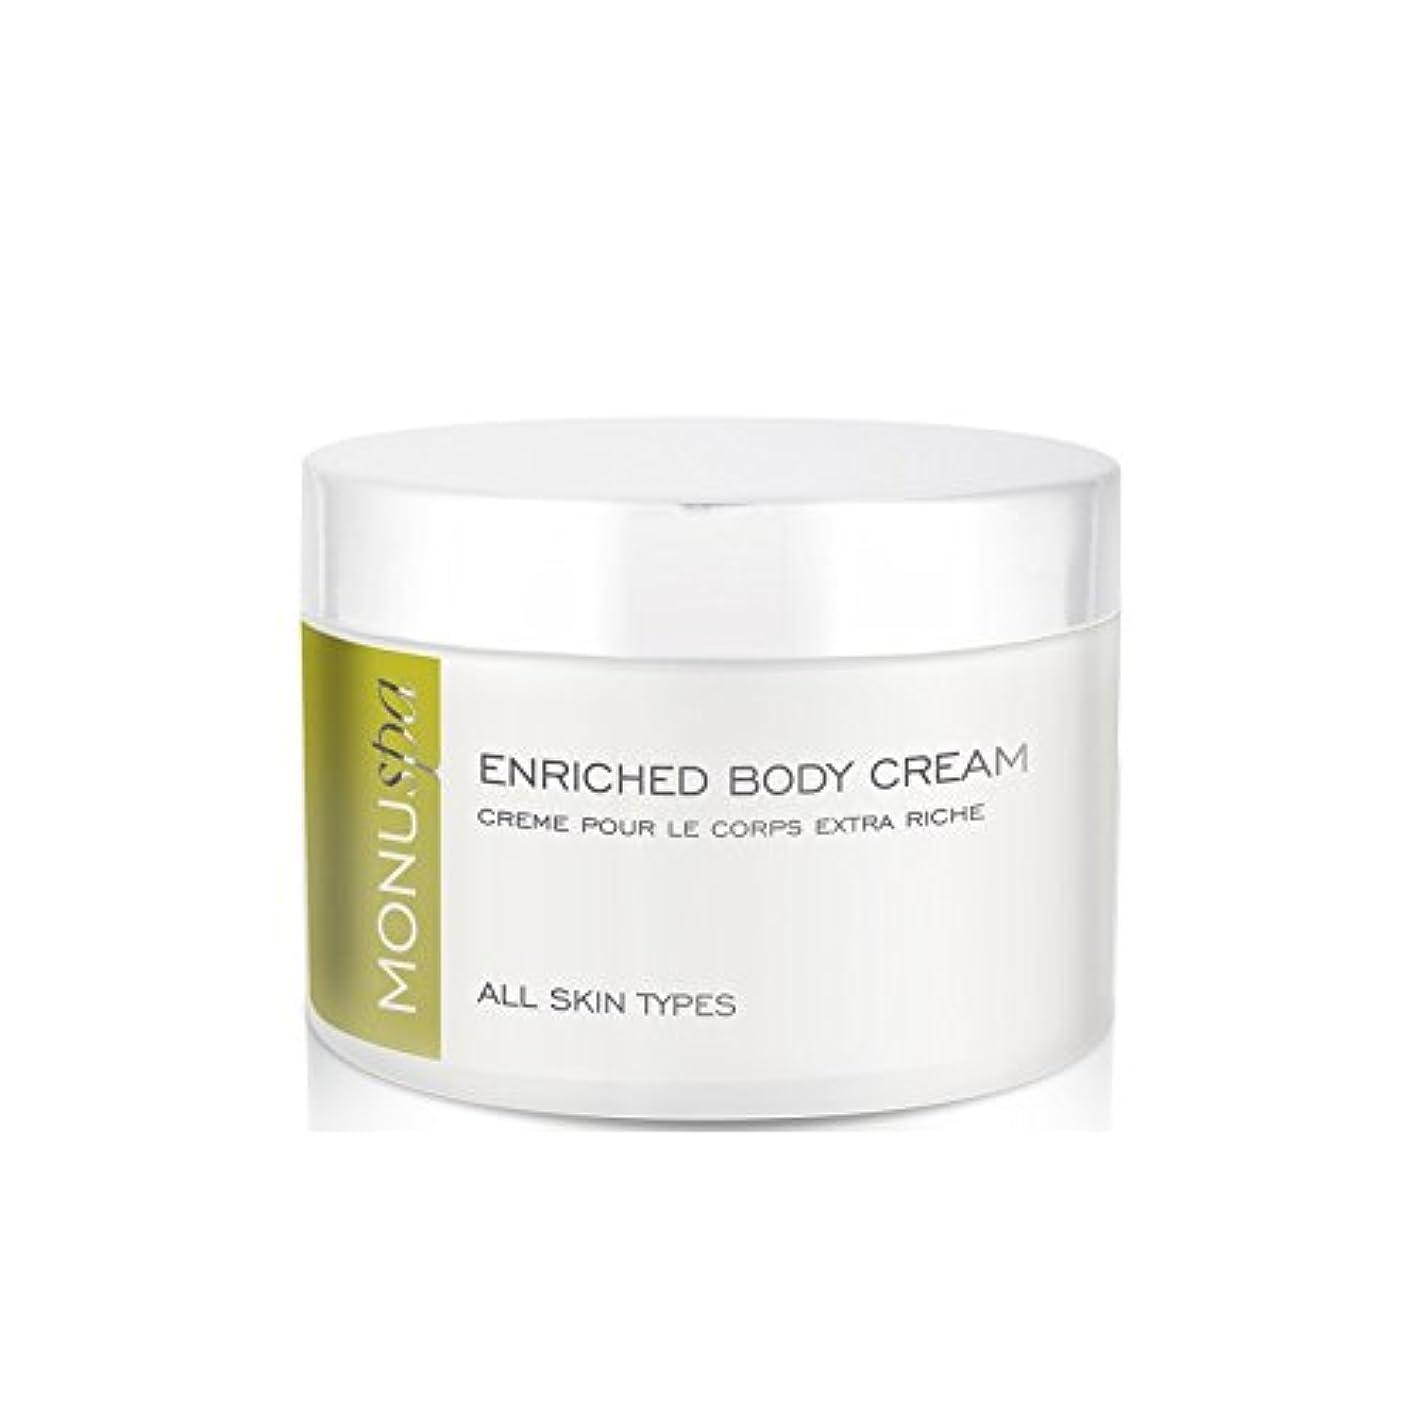 アラブ発行する適性濃縮ボディクリーム200ミリリットル x2 - MONUspa Enriched Body Cream 200ml (Pack of 2) [並行輸入品]